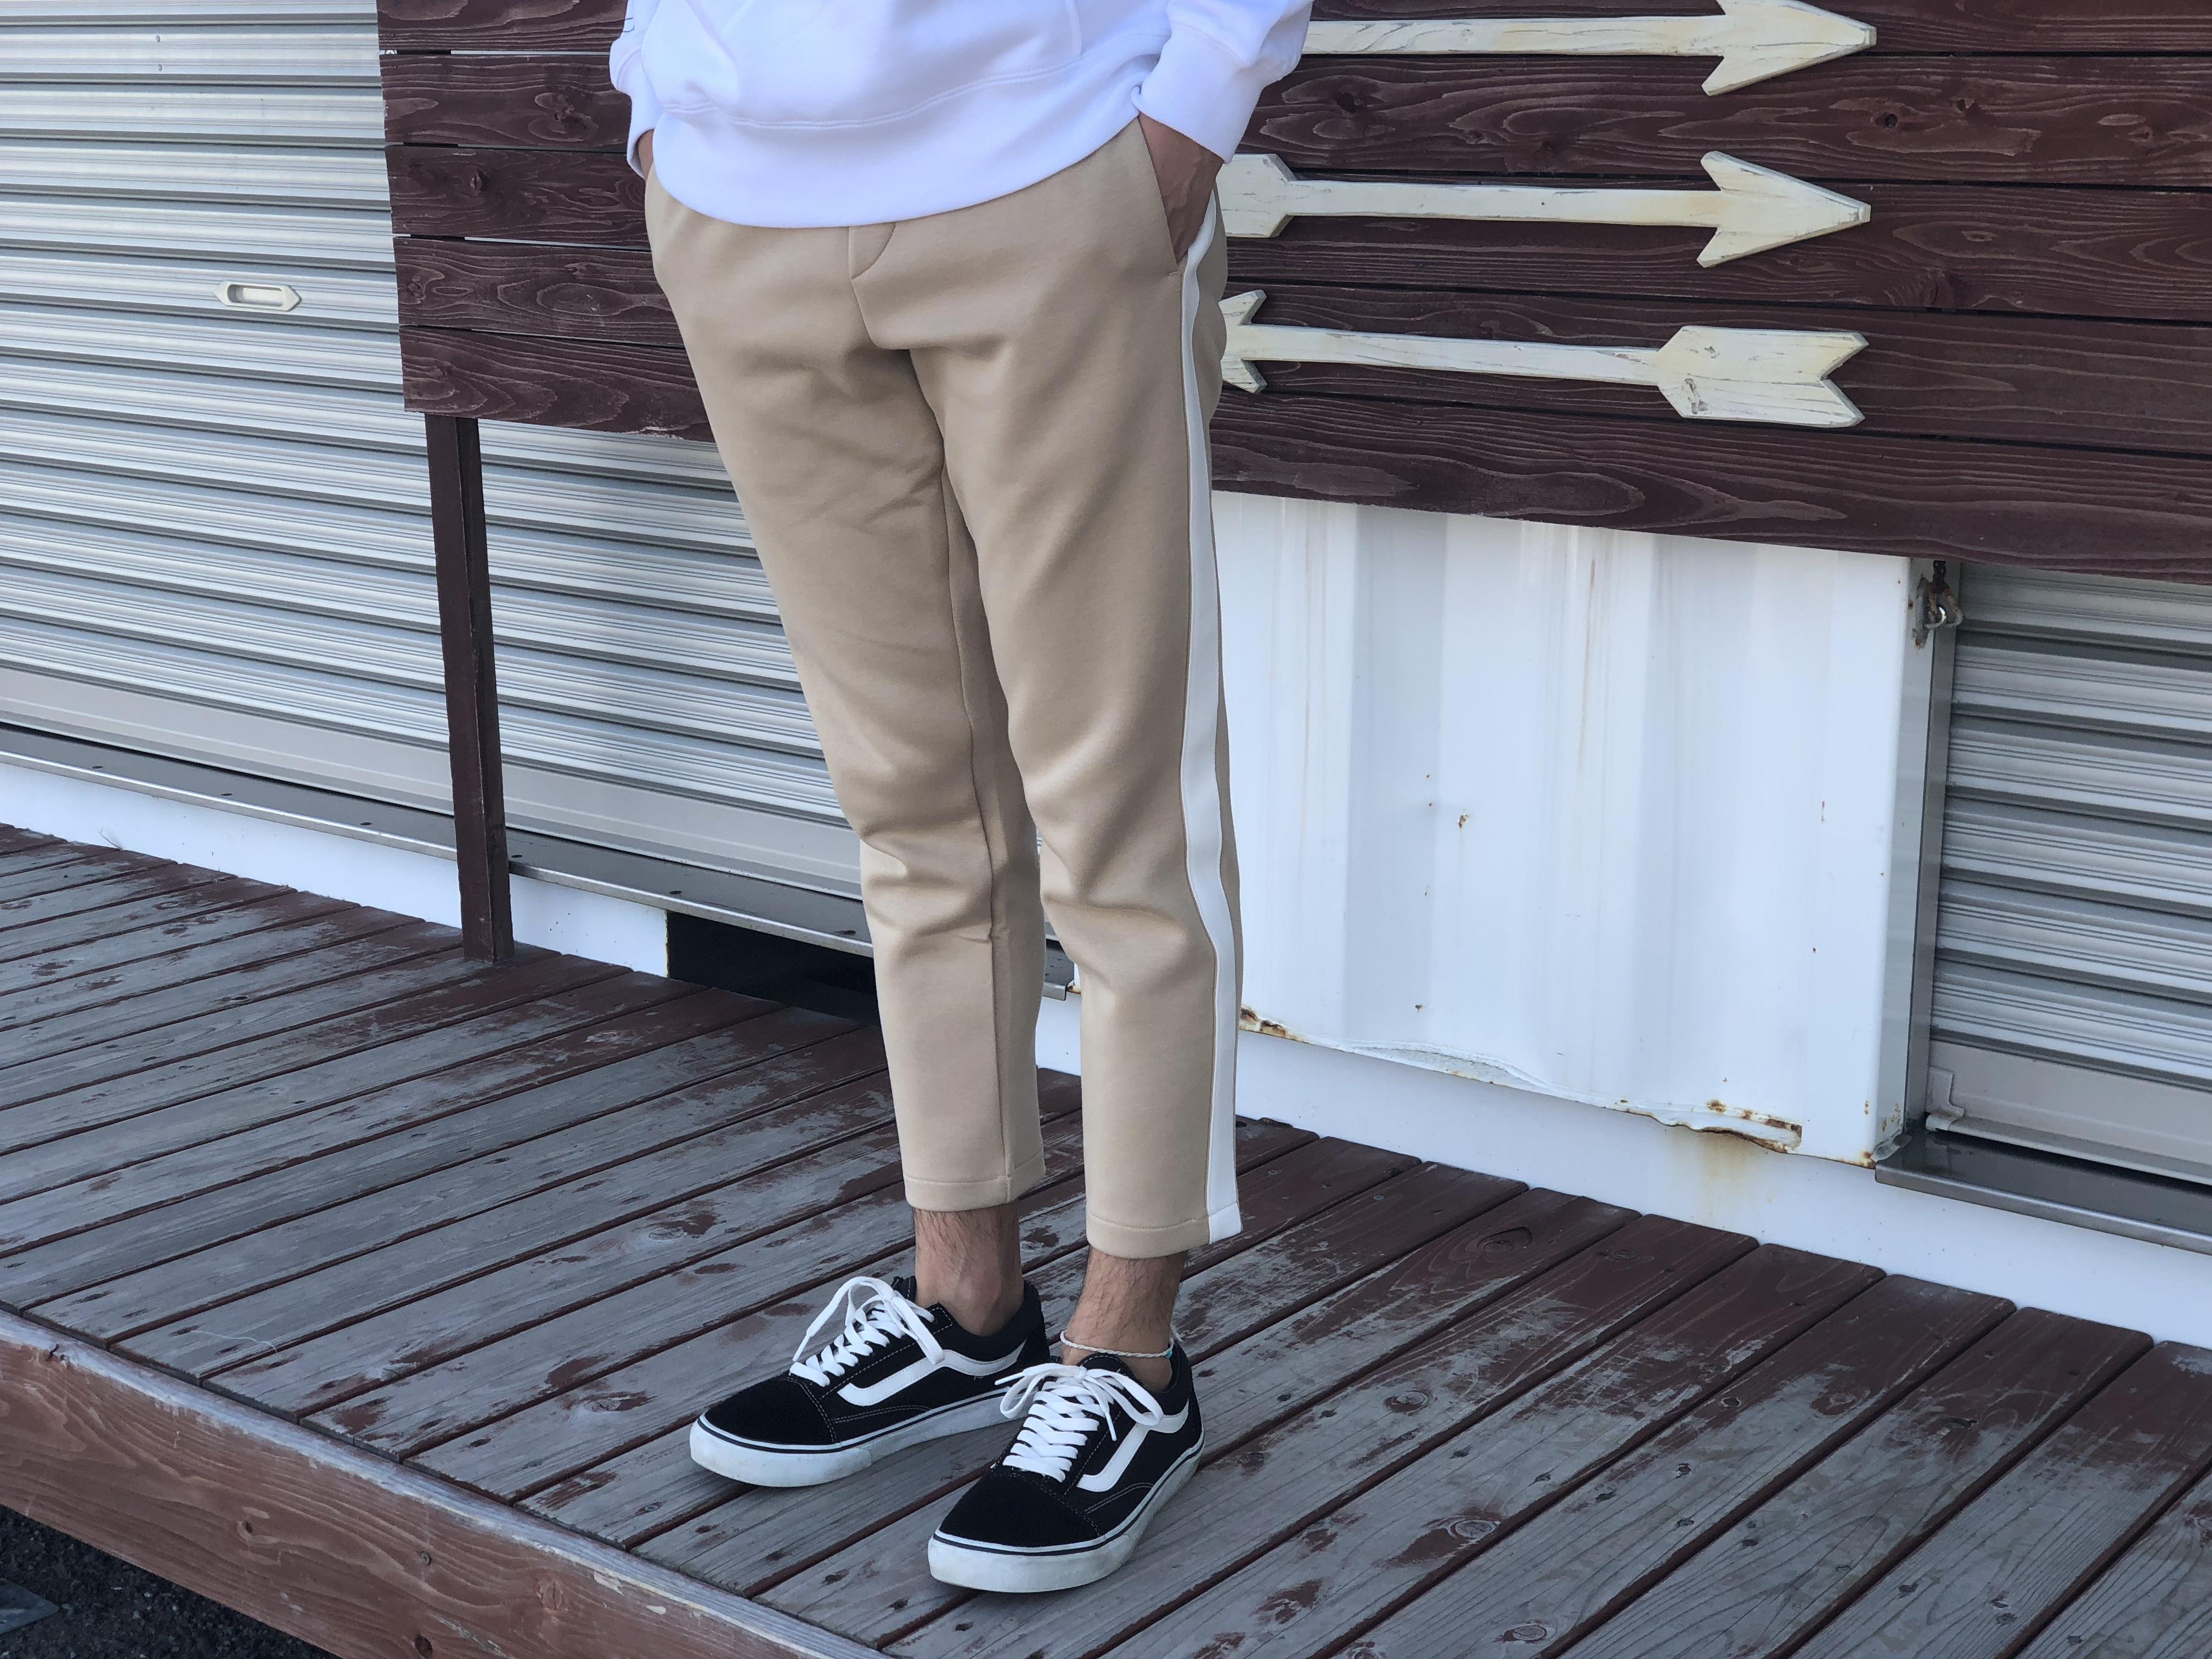 Sideline Jersrysweat Pants (beige)